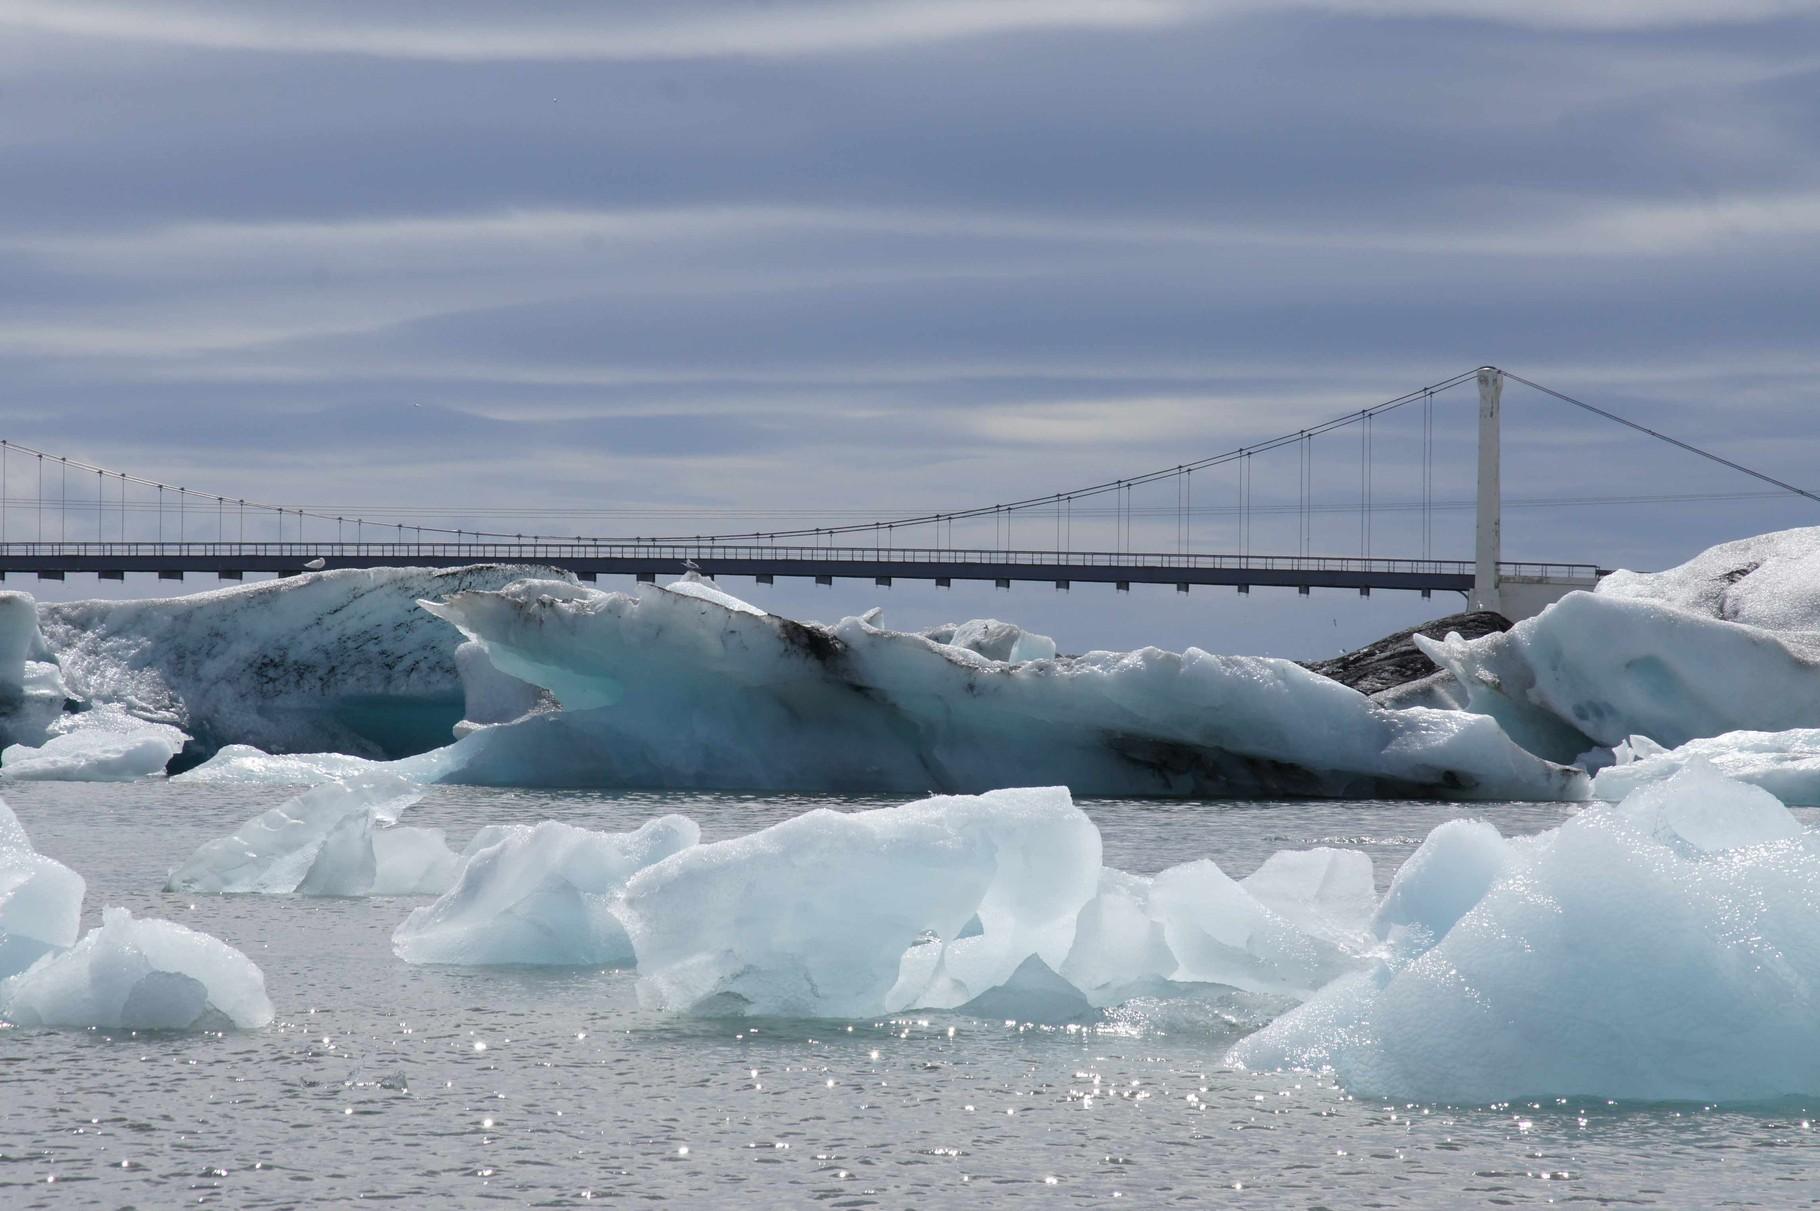 Jökulsárlón - rammt das Eis die Brücke?